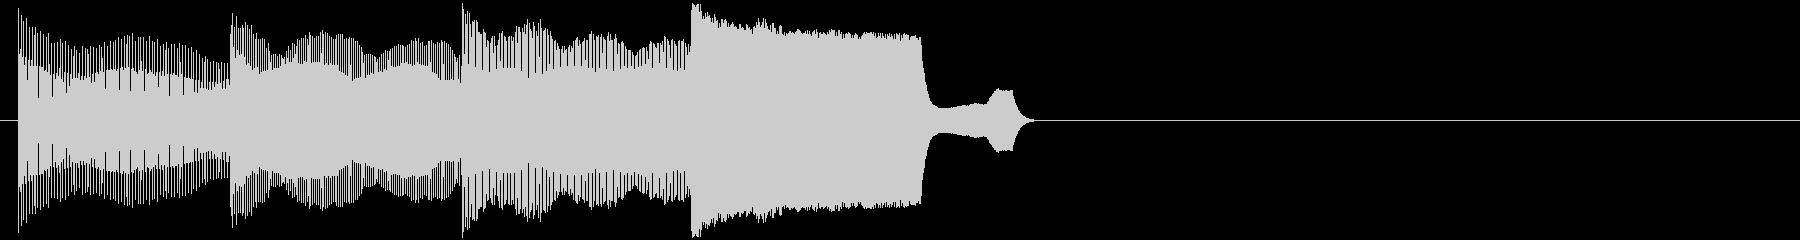 ピコピコ(ちょっとした電子音の効果音)の未再生の波形